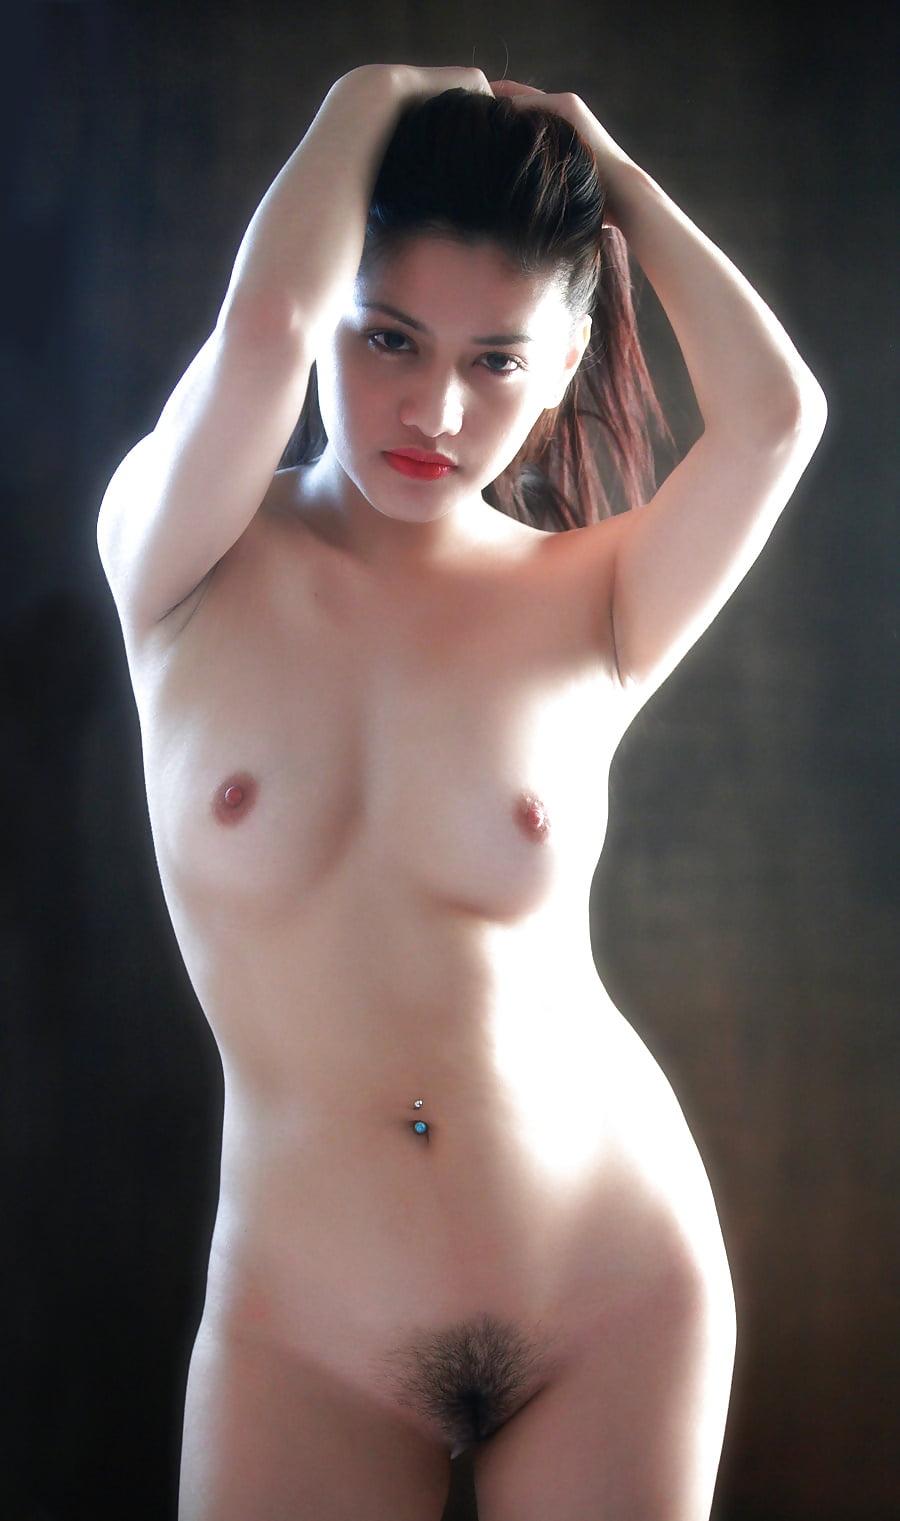 Pinay beautiful nude girl thorn